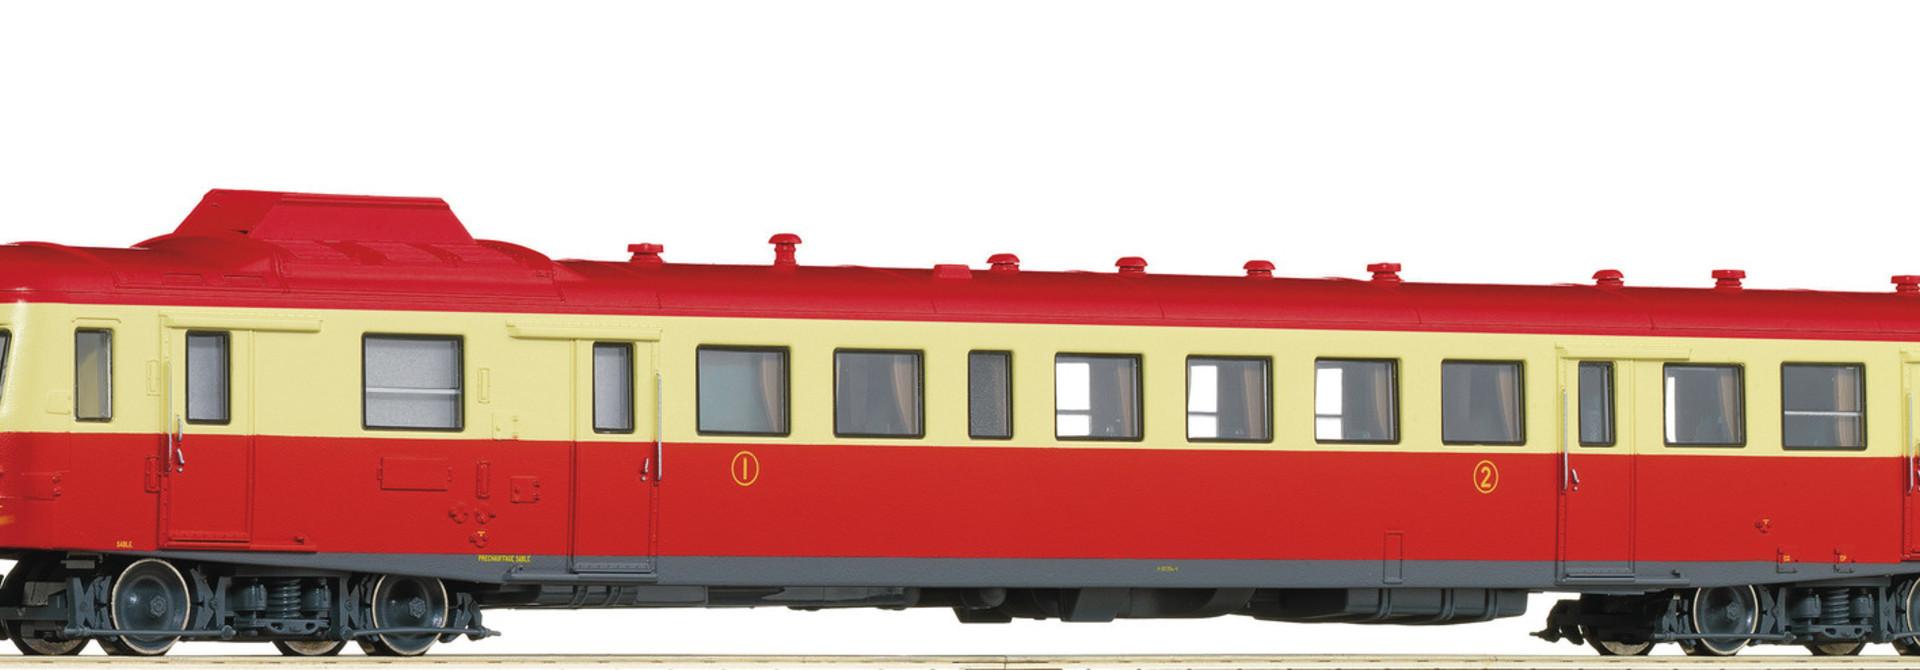 73008 Dieseltriebwagen X2800 rt/be